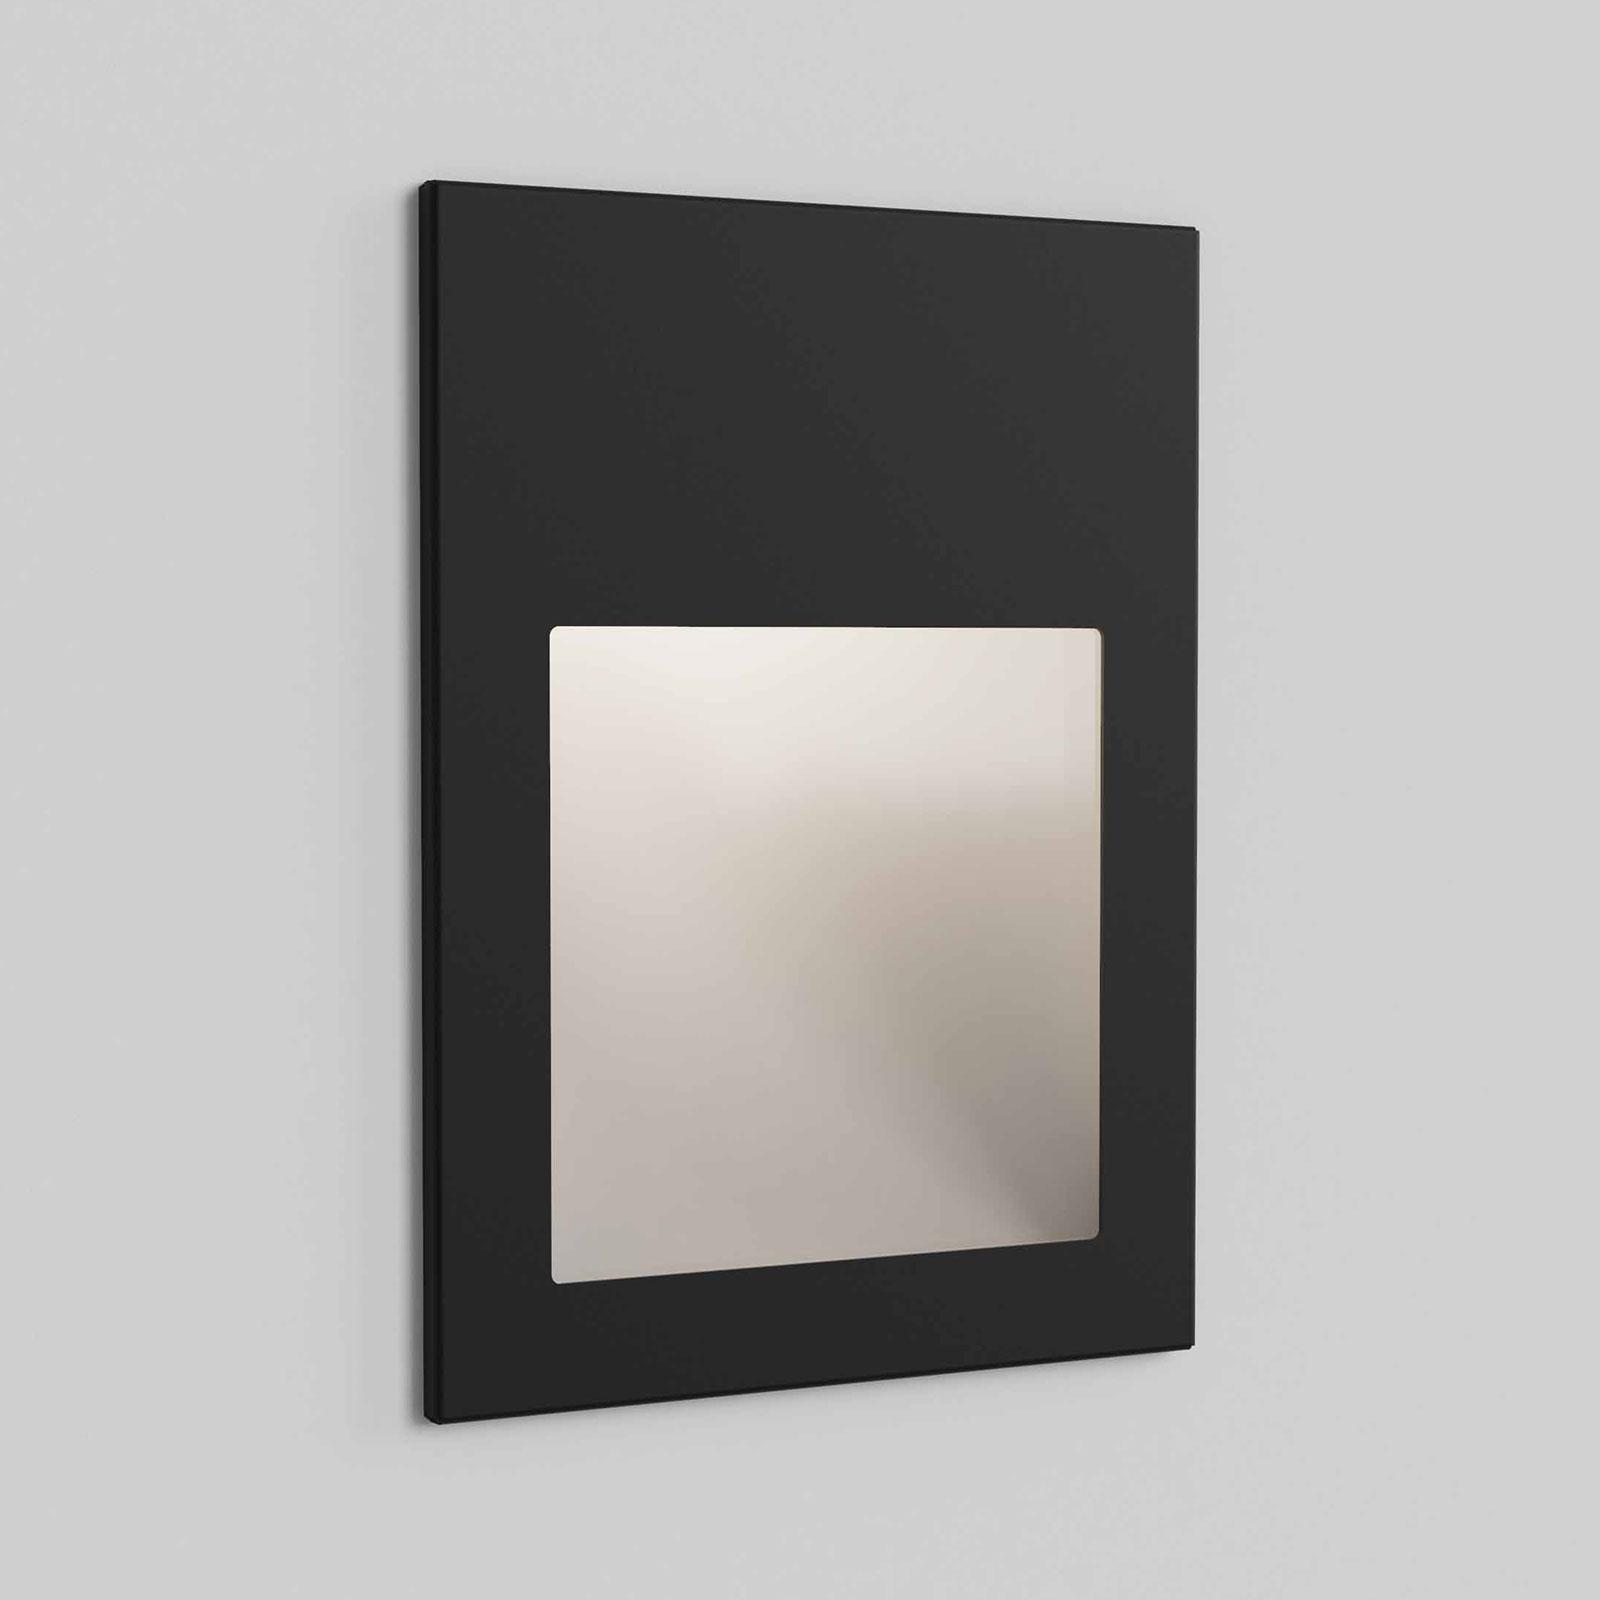 Astro Borgo 90 Wandeinbauleuchte schwarz textur